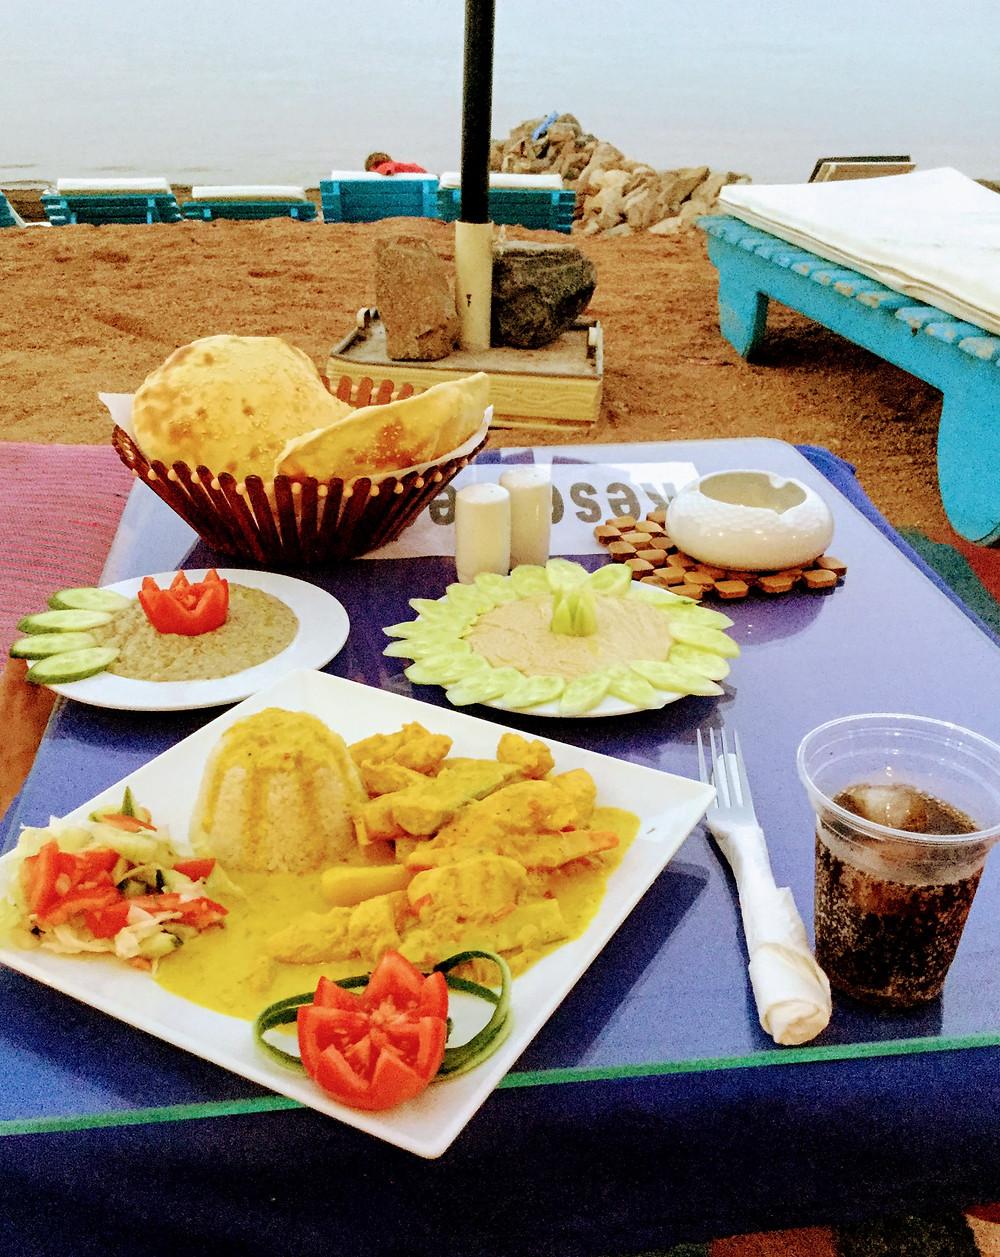 View-Restaurant-Eel-Garden Dahab Chicken Curry, Babaganough und Hommos